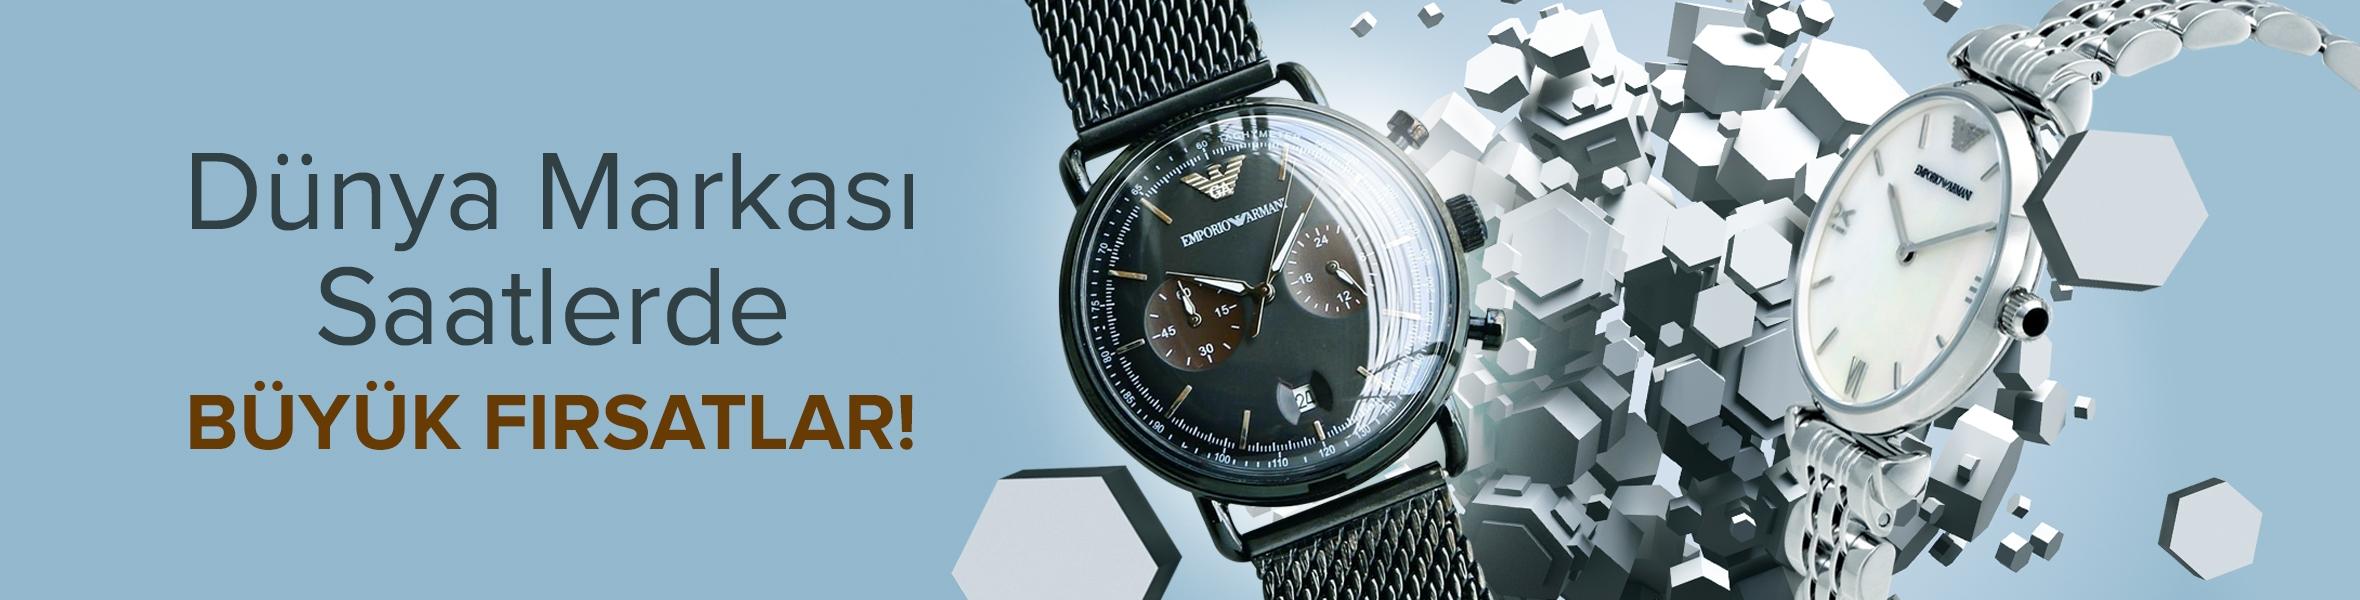 Dünya Markası Saatlerde Büyük Fırsatlar !